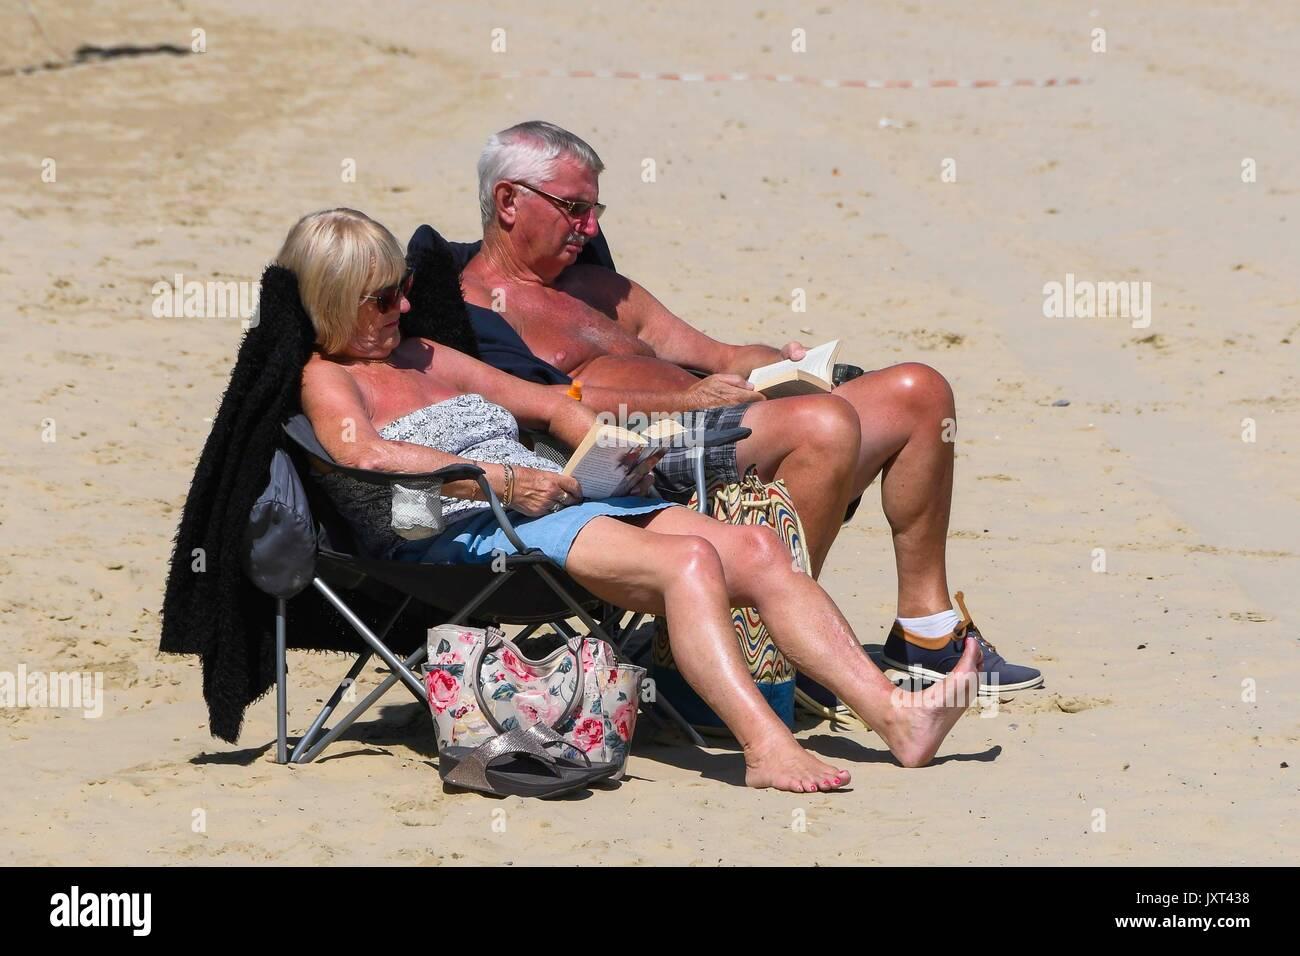 Weymouth, Dorset, UK. 17th Aug, 2017. UK Weather. Sunbathers on the beach enjoying the warm sunny weather at the Stock Photo